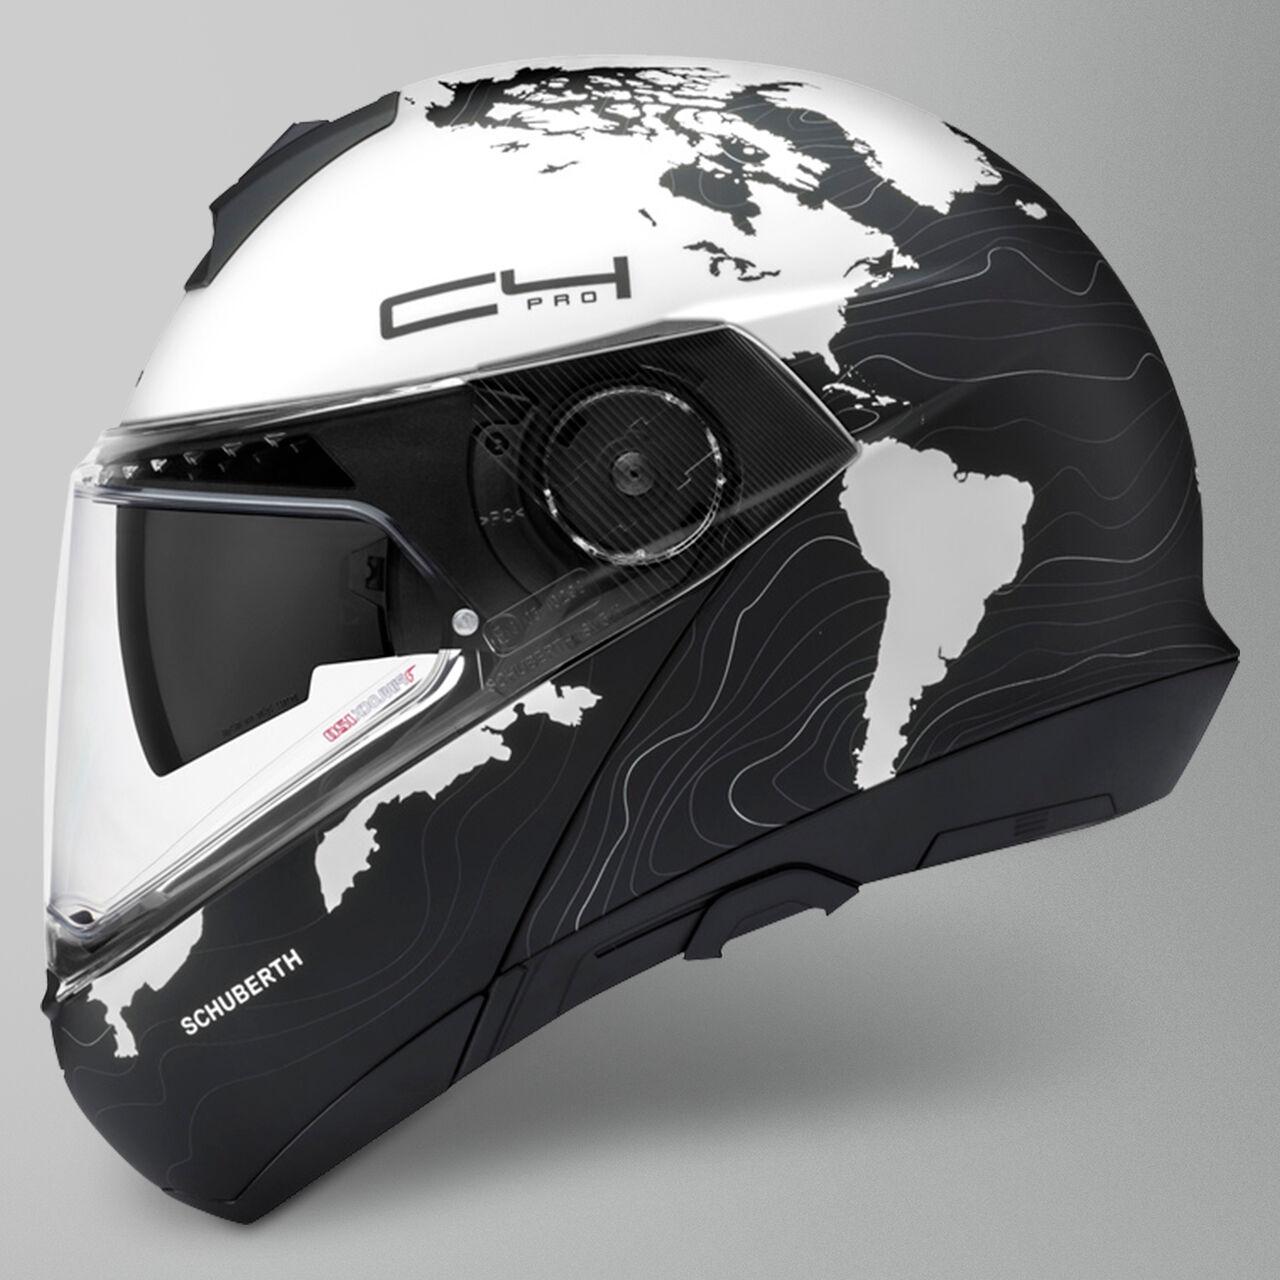 Schuberth Casco Modulare C4 Pro Magnitudo Bianco